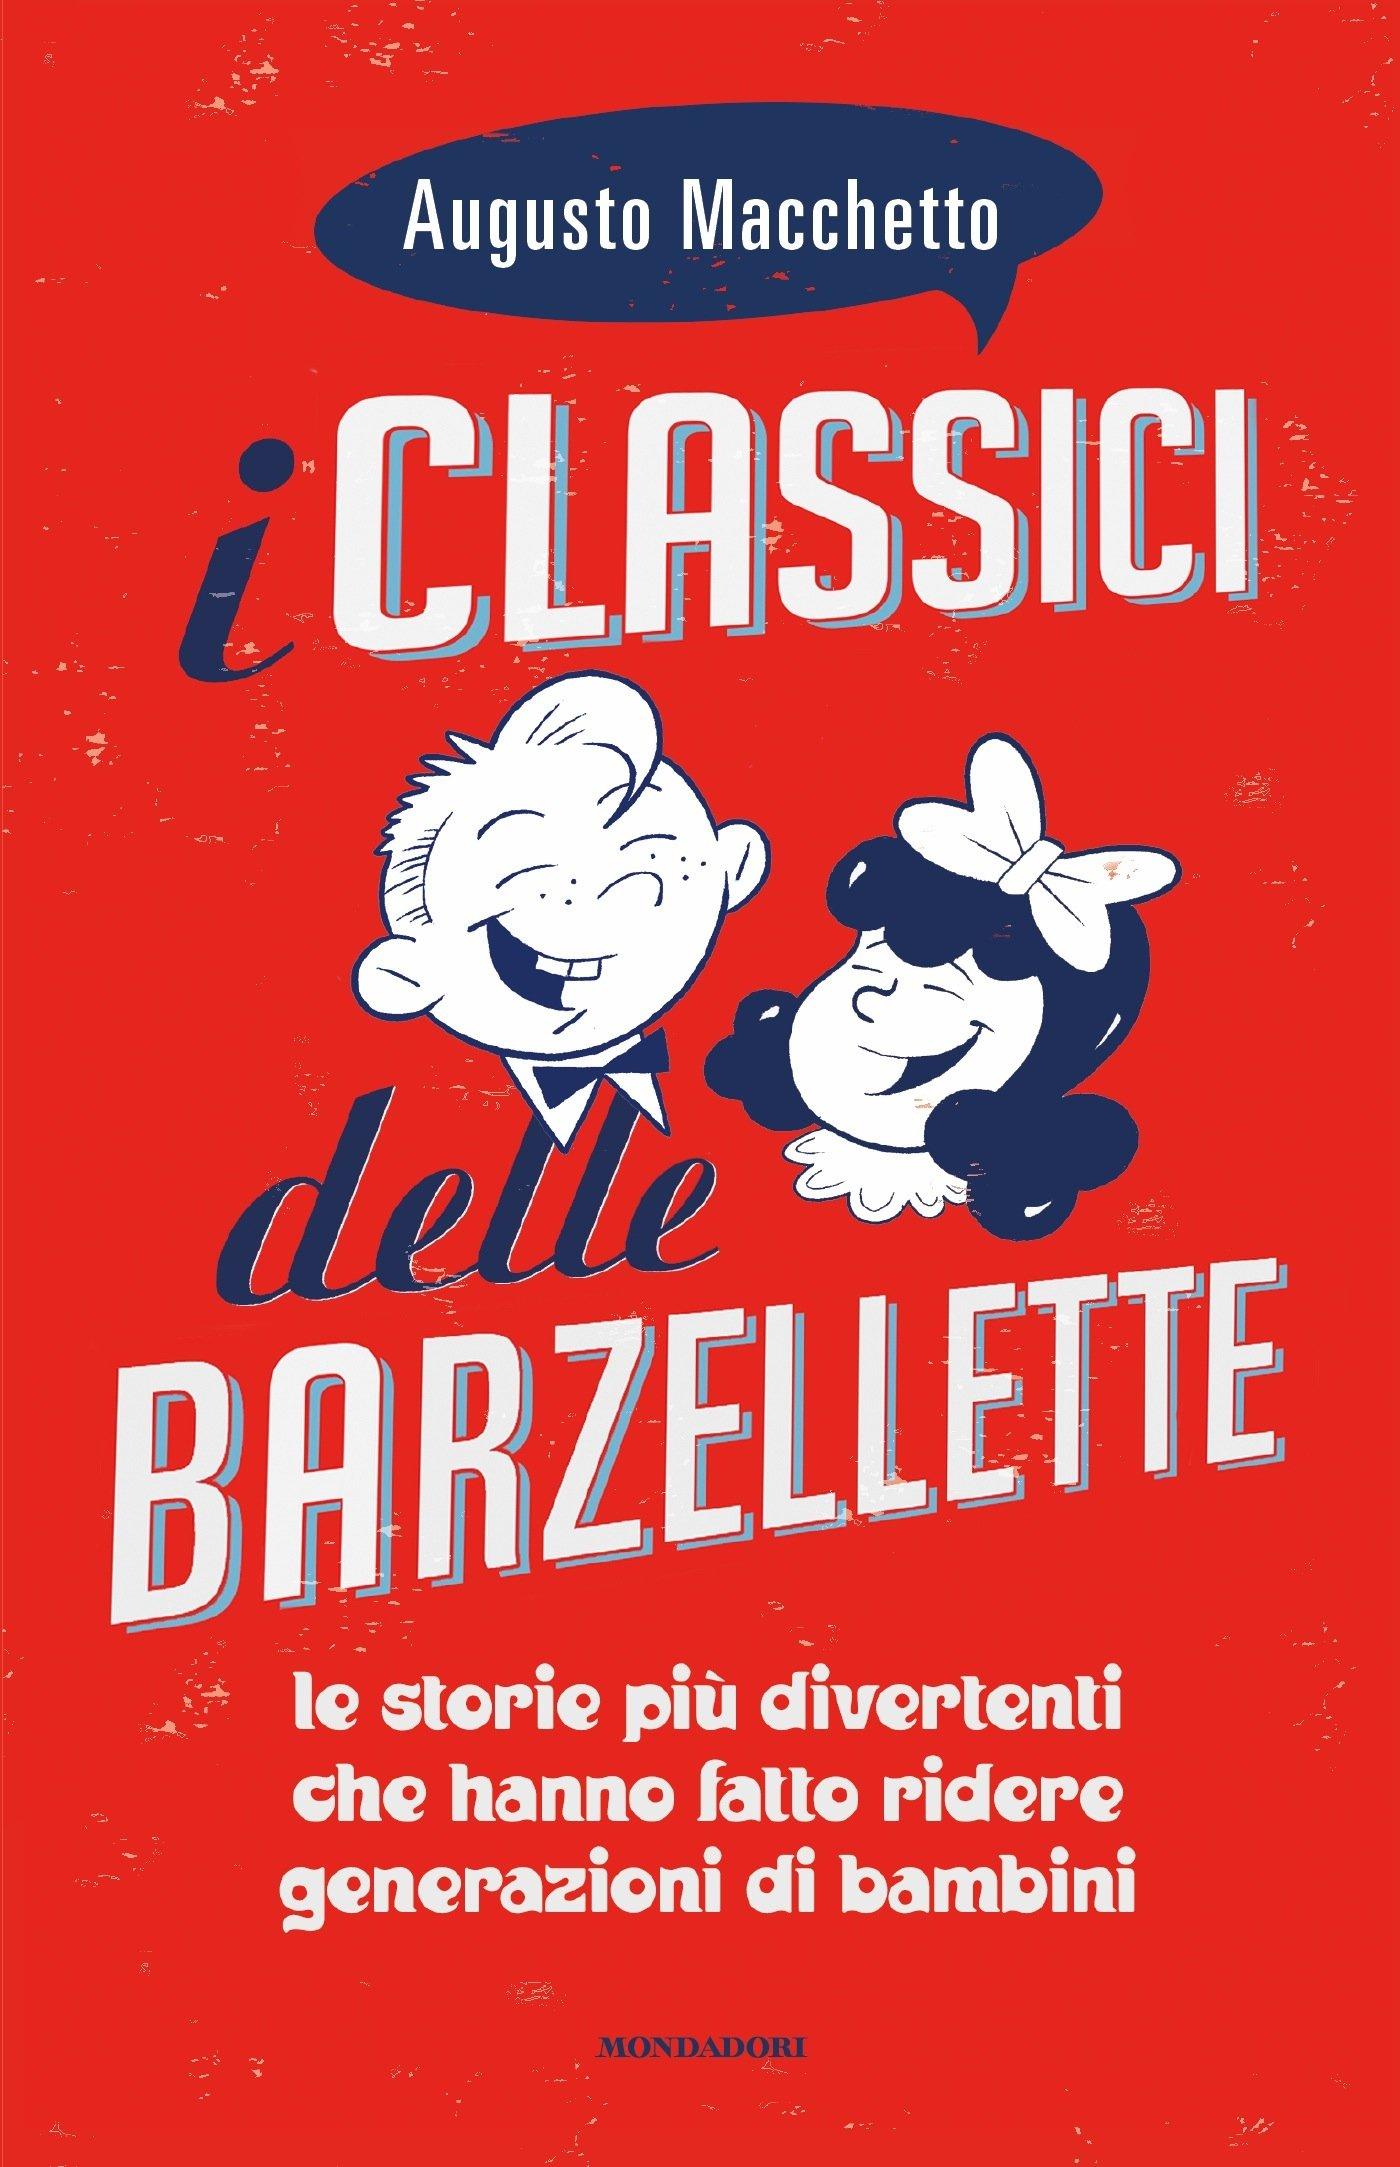 I classici delle barzellette. Ediz. illustrata Copertina flessibile – 13 giu 2017 Augusto Macchetto S. Zampollo Mondadori 880467878X